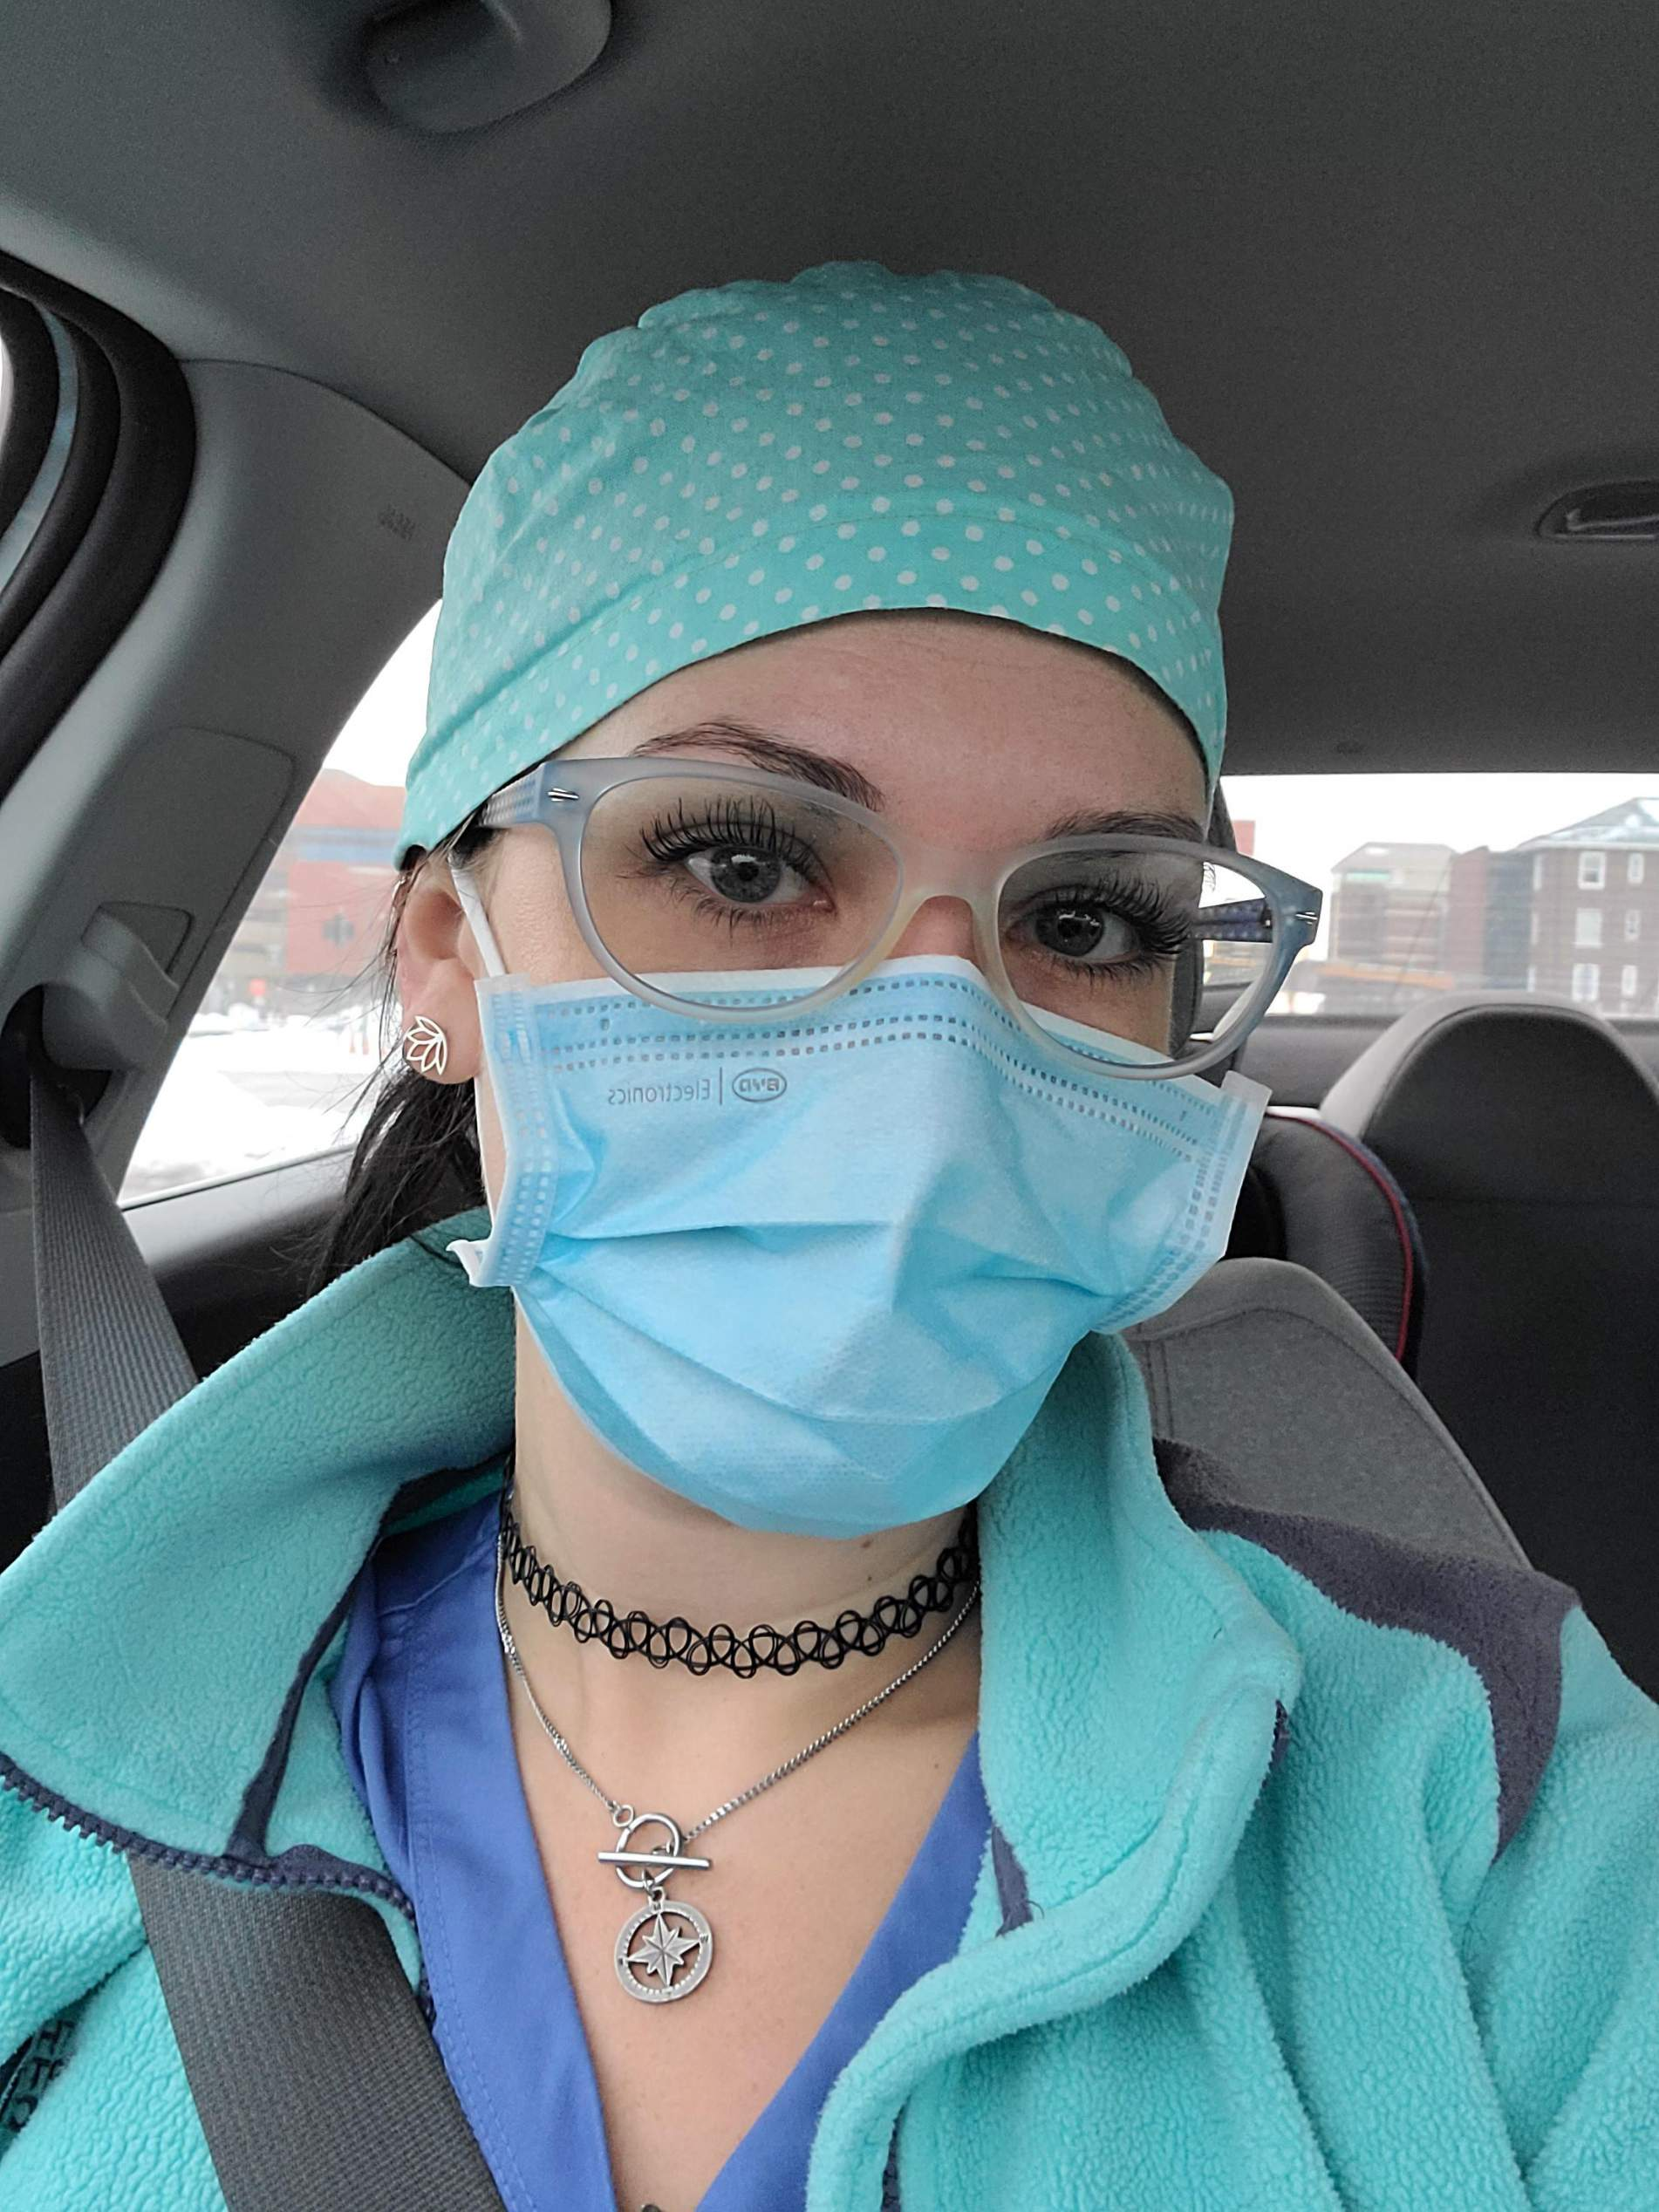 Pack Casero de Ardiente Enfermera Con Grandes Tetas ! 1